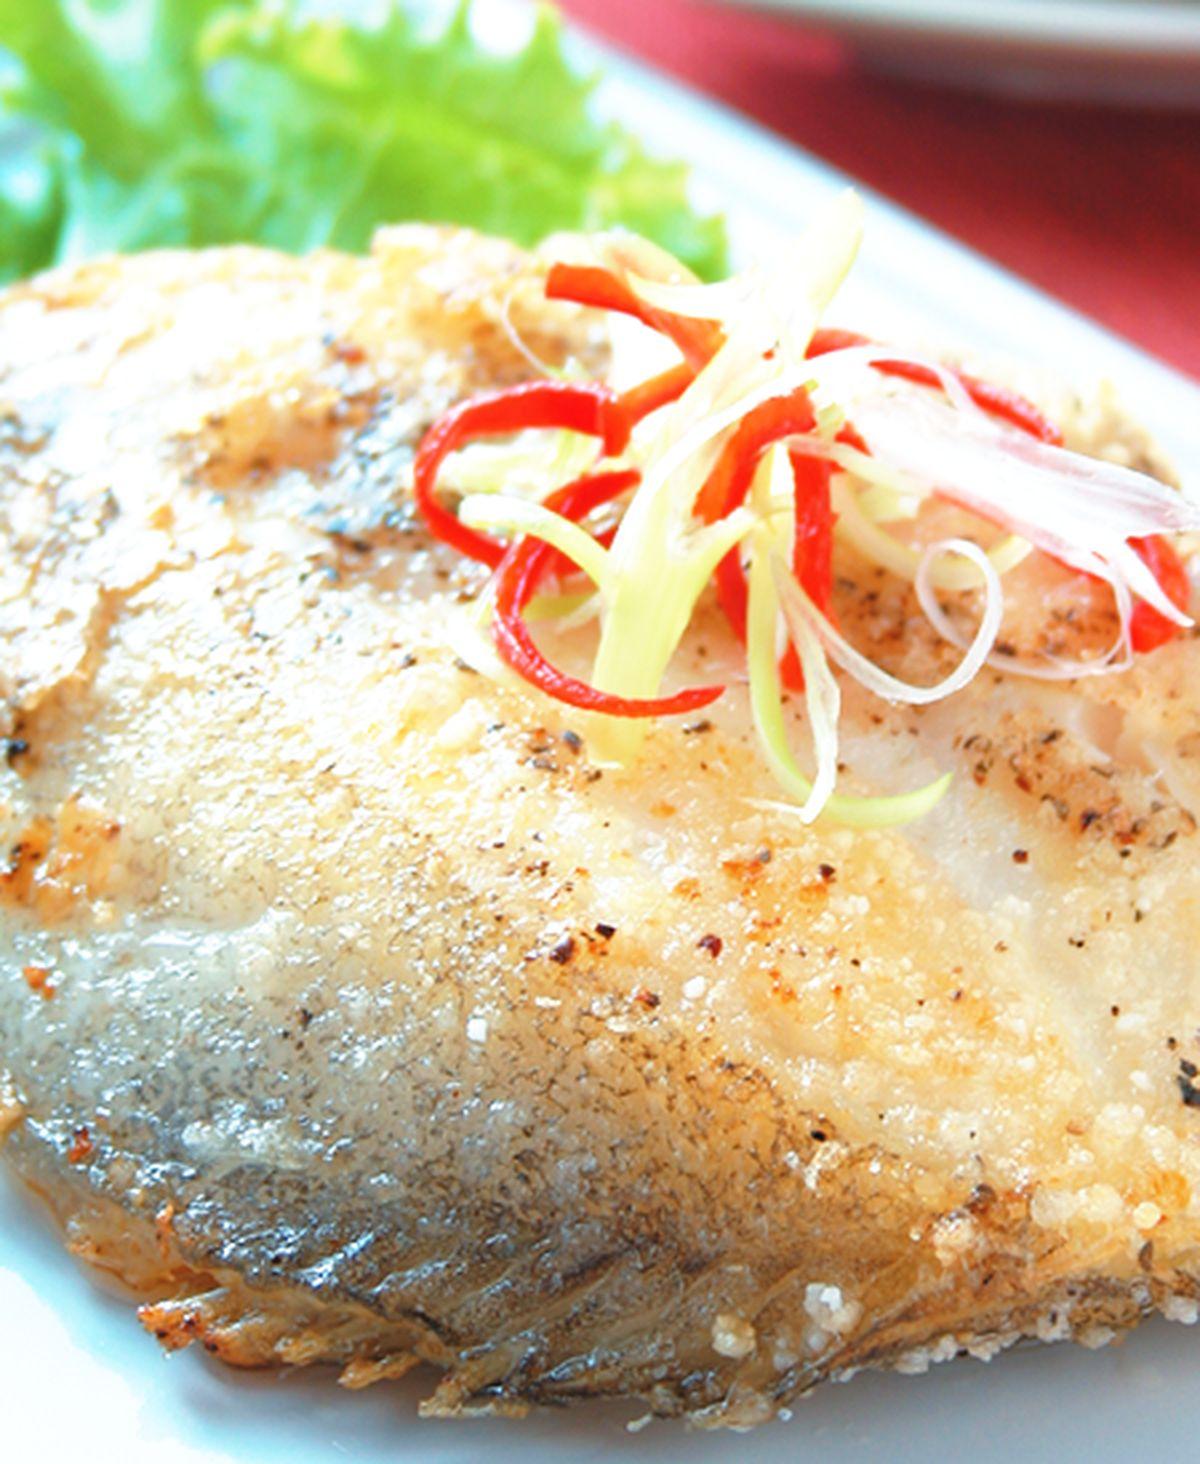 食譜:乾煎鱈魚